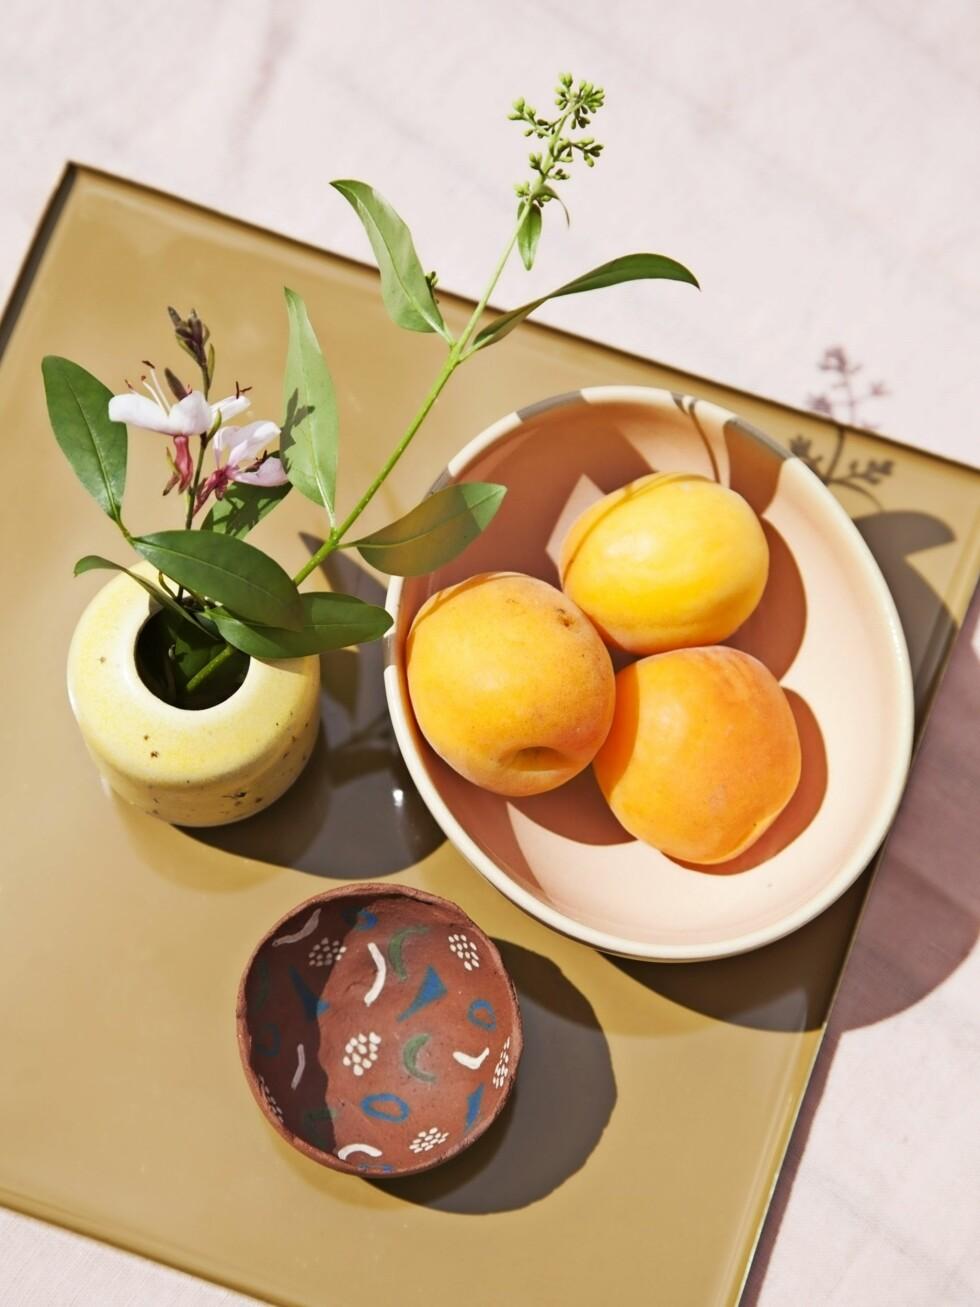 Pynt med organisk dekor som blomster og frukt. Liten, gul vase fra Studio Arhoj og bolle fra Stilleben.